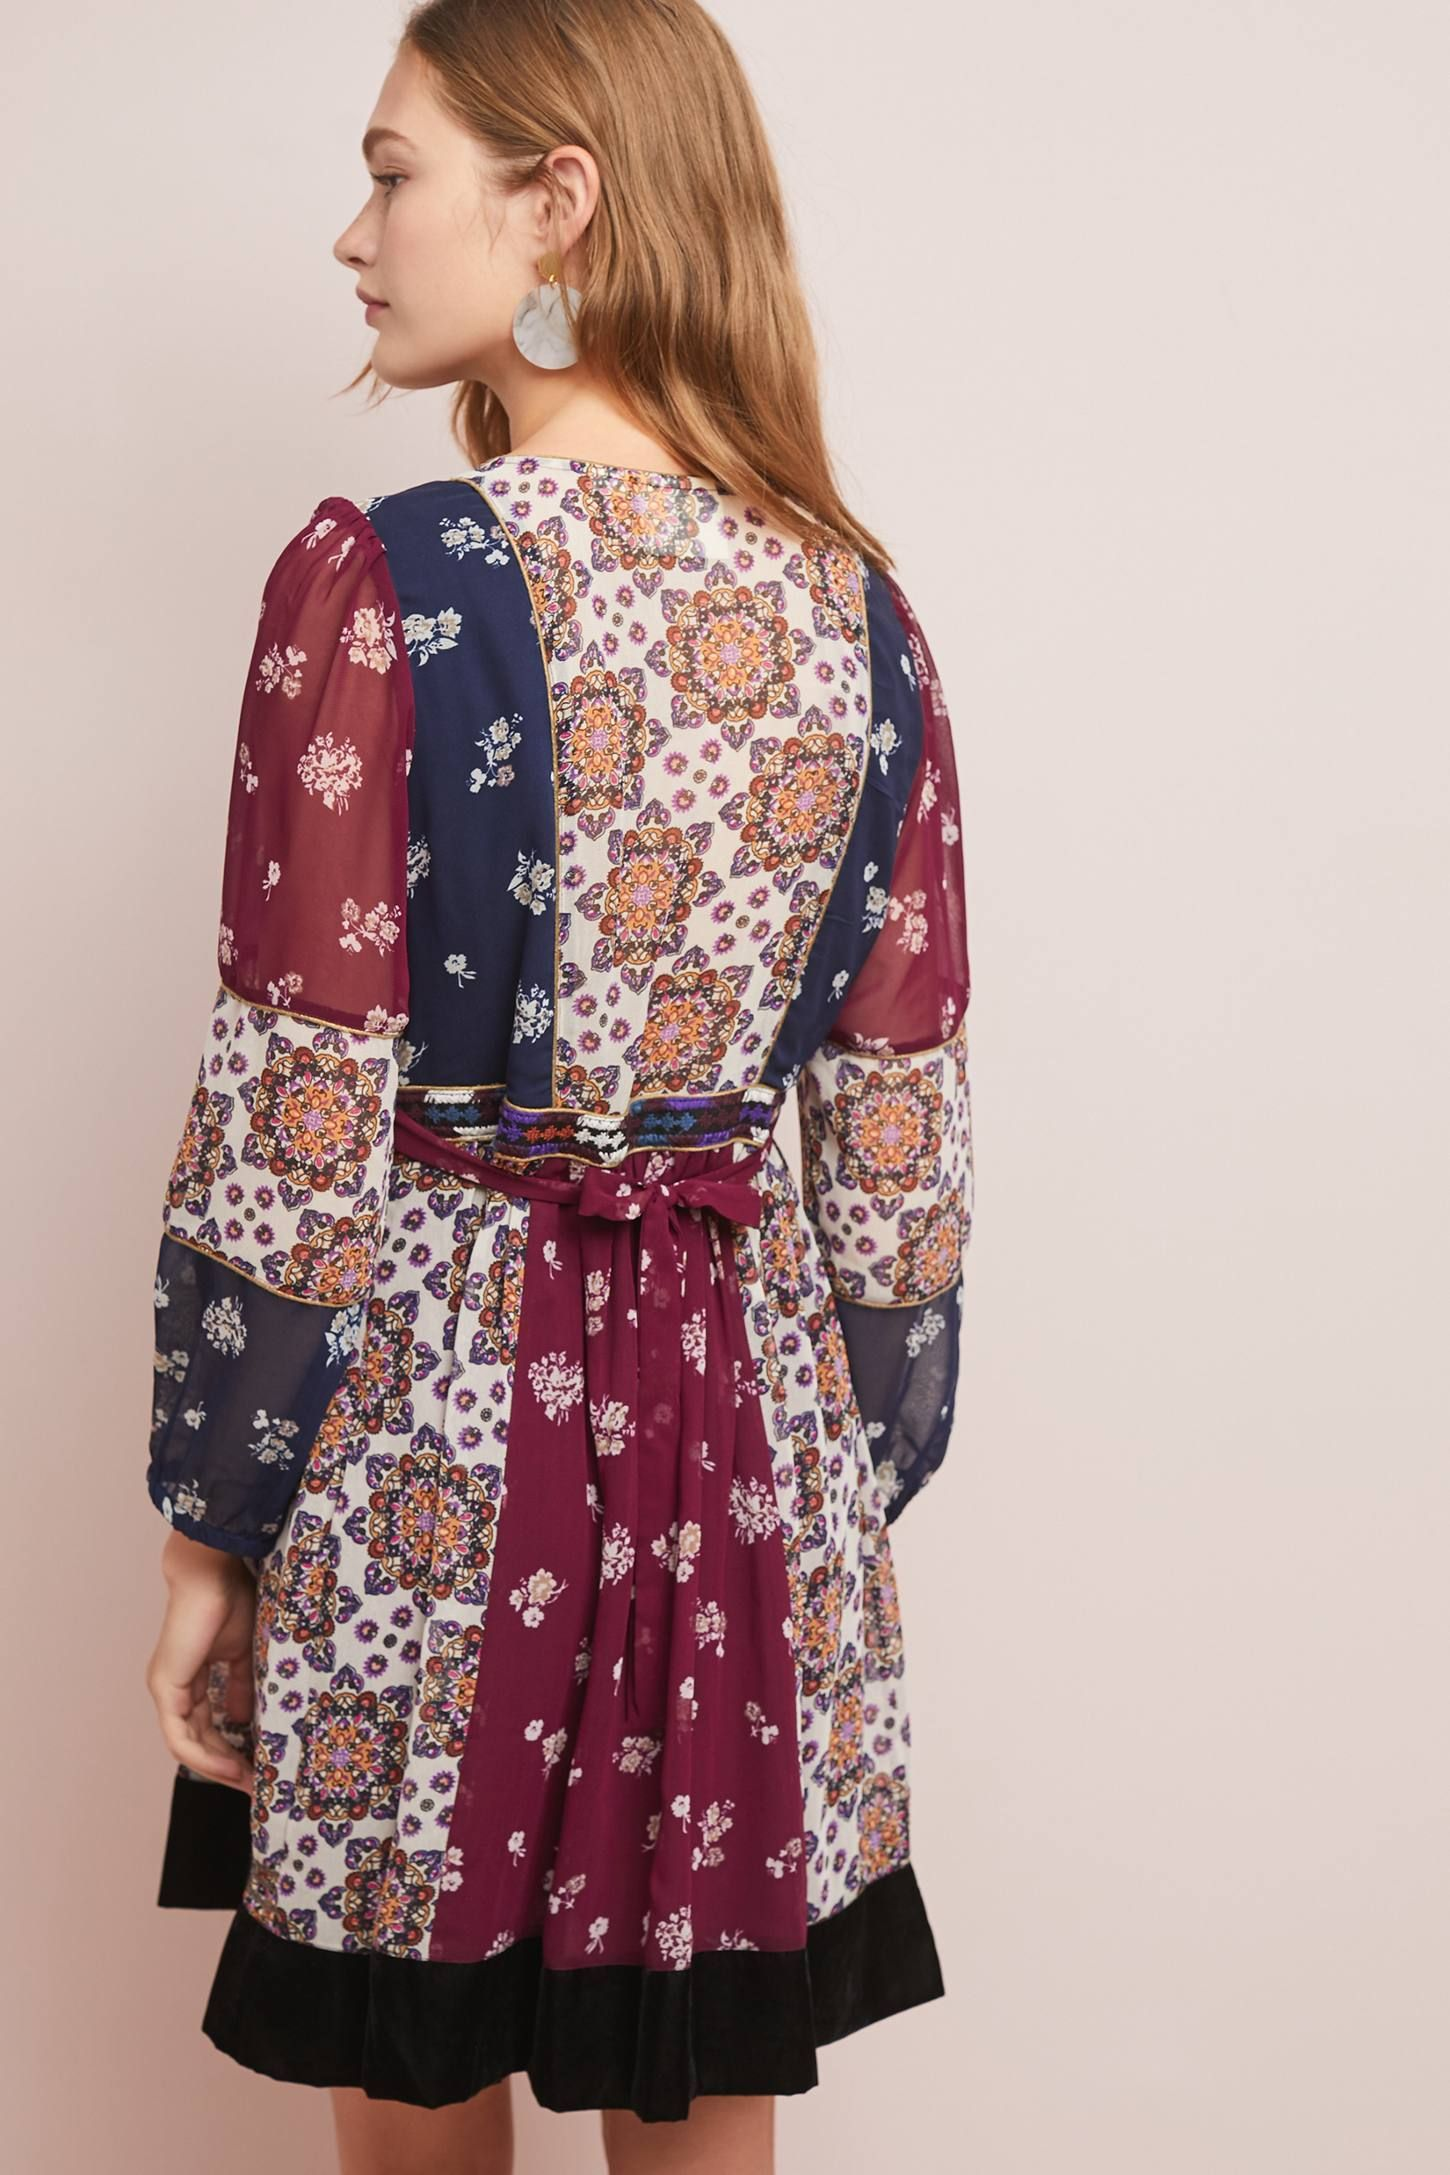 b8de38bbca38 Quartier Latin Dress in 2019 | BOHO | Fashion, Anthropologie, Dresses